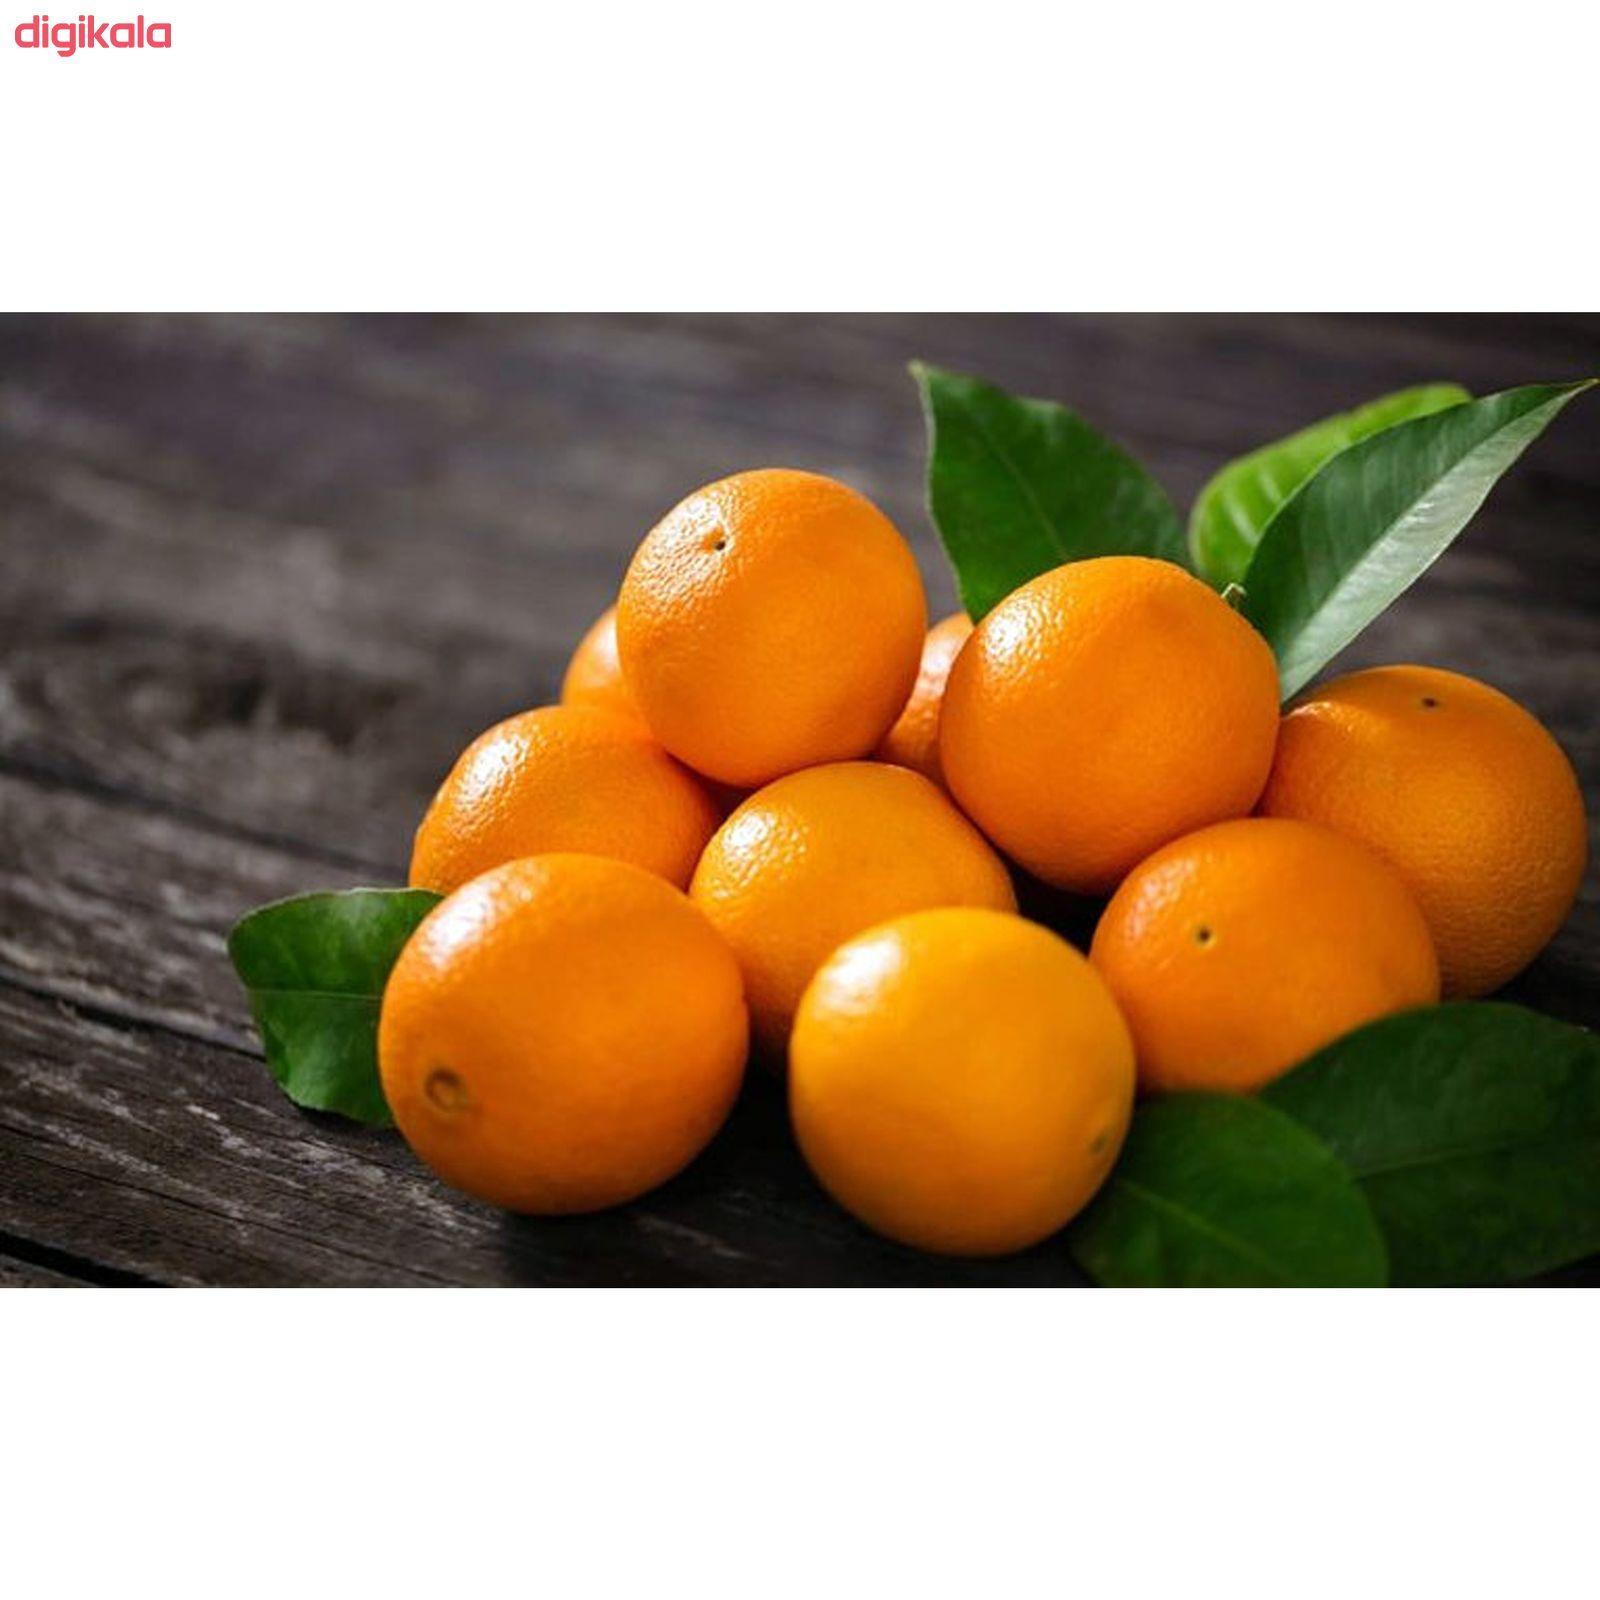 پرتقال رسمی شمال آبگیری بلوط - 1 کیلوگرم  main 1 7